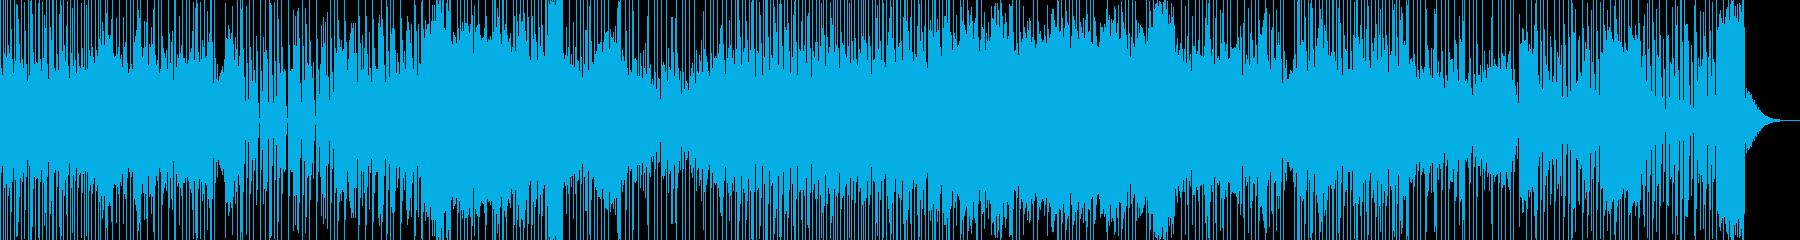 テクノ・トランス系のカッコイイ曲の再生済みの波形